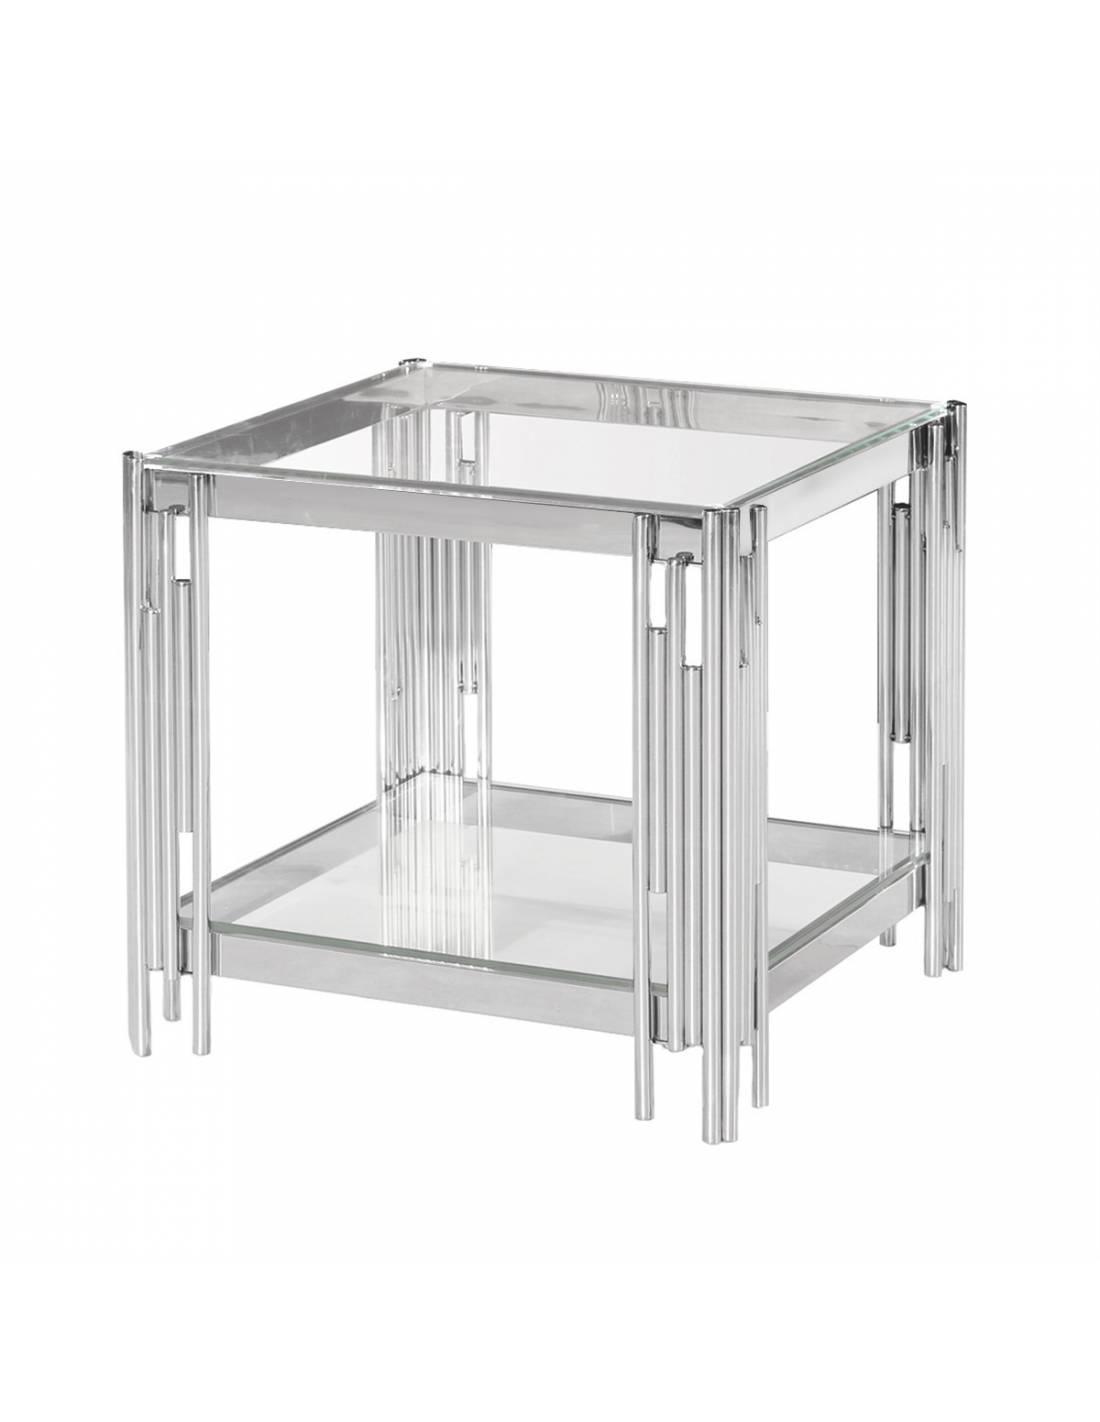 Metalowy stolik kawowy z narożnymi zdobieniami i szklanym bezbarwnym blatem